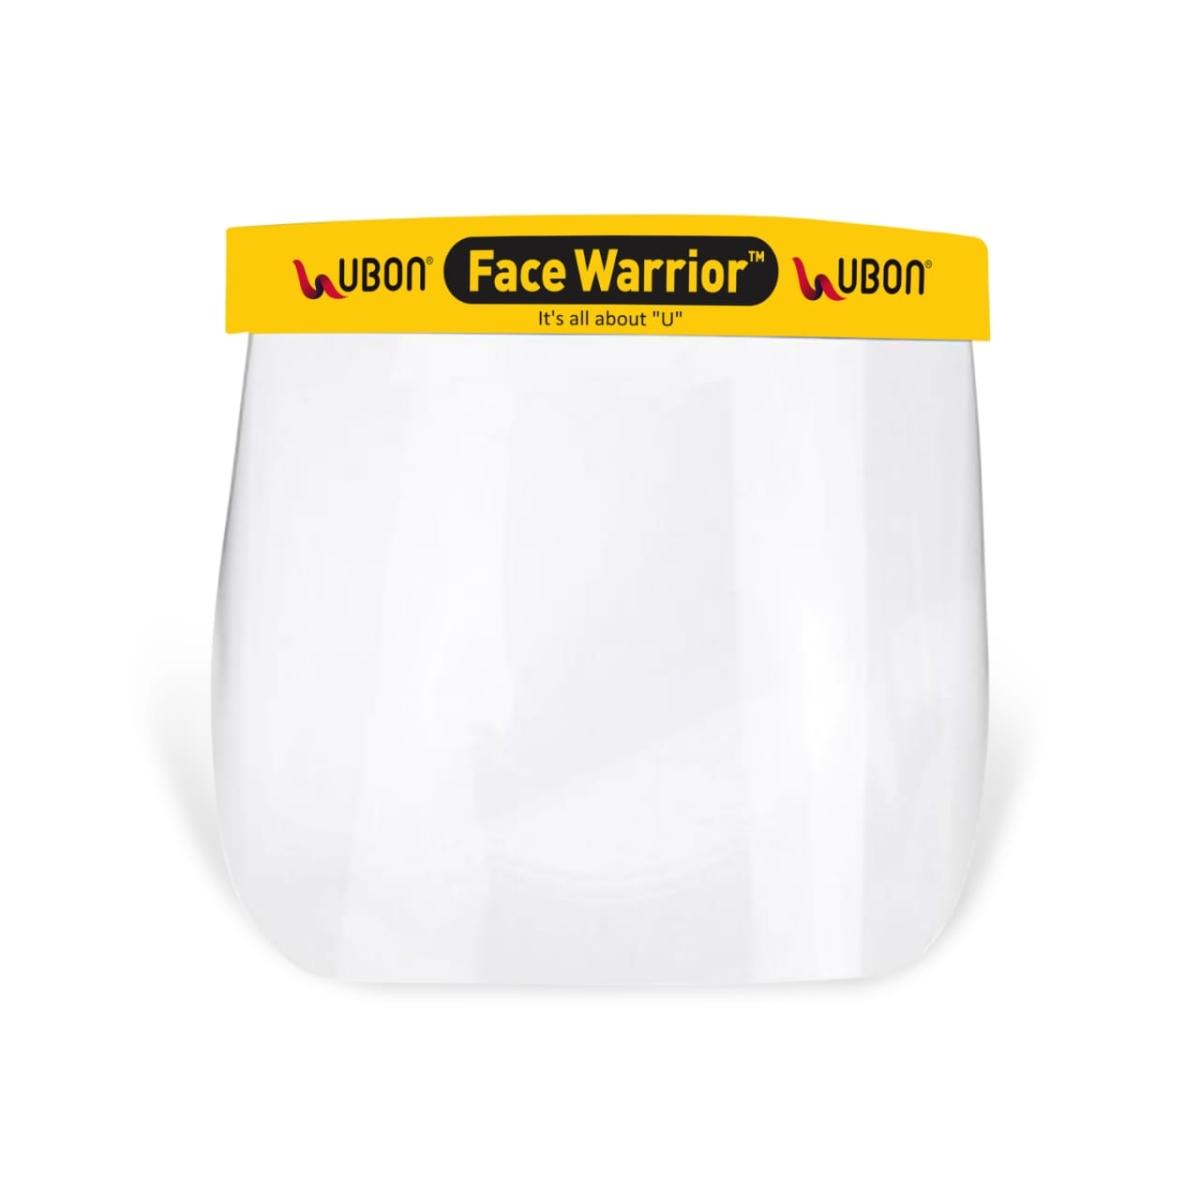 UBON face shield